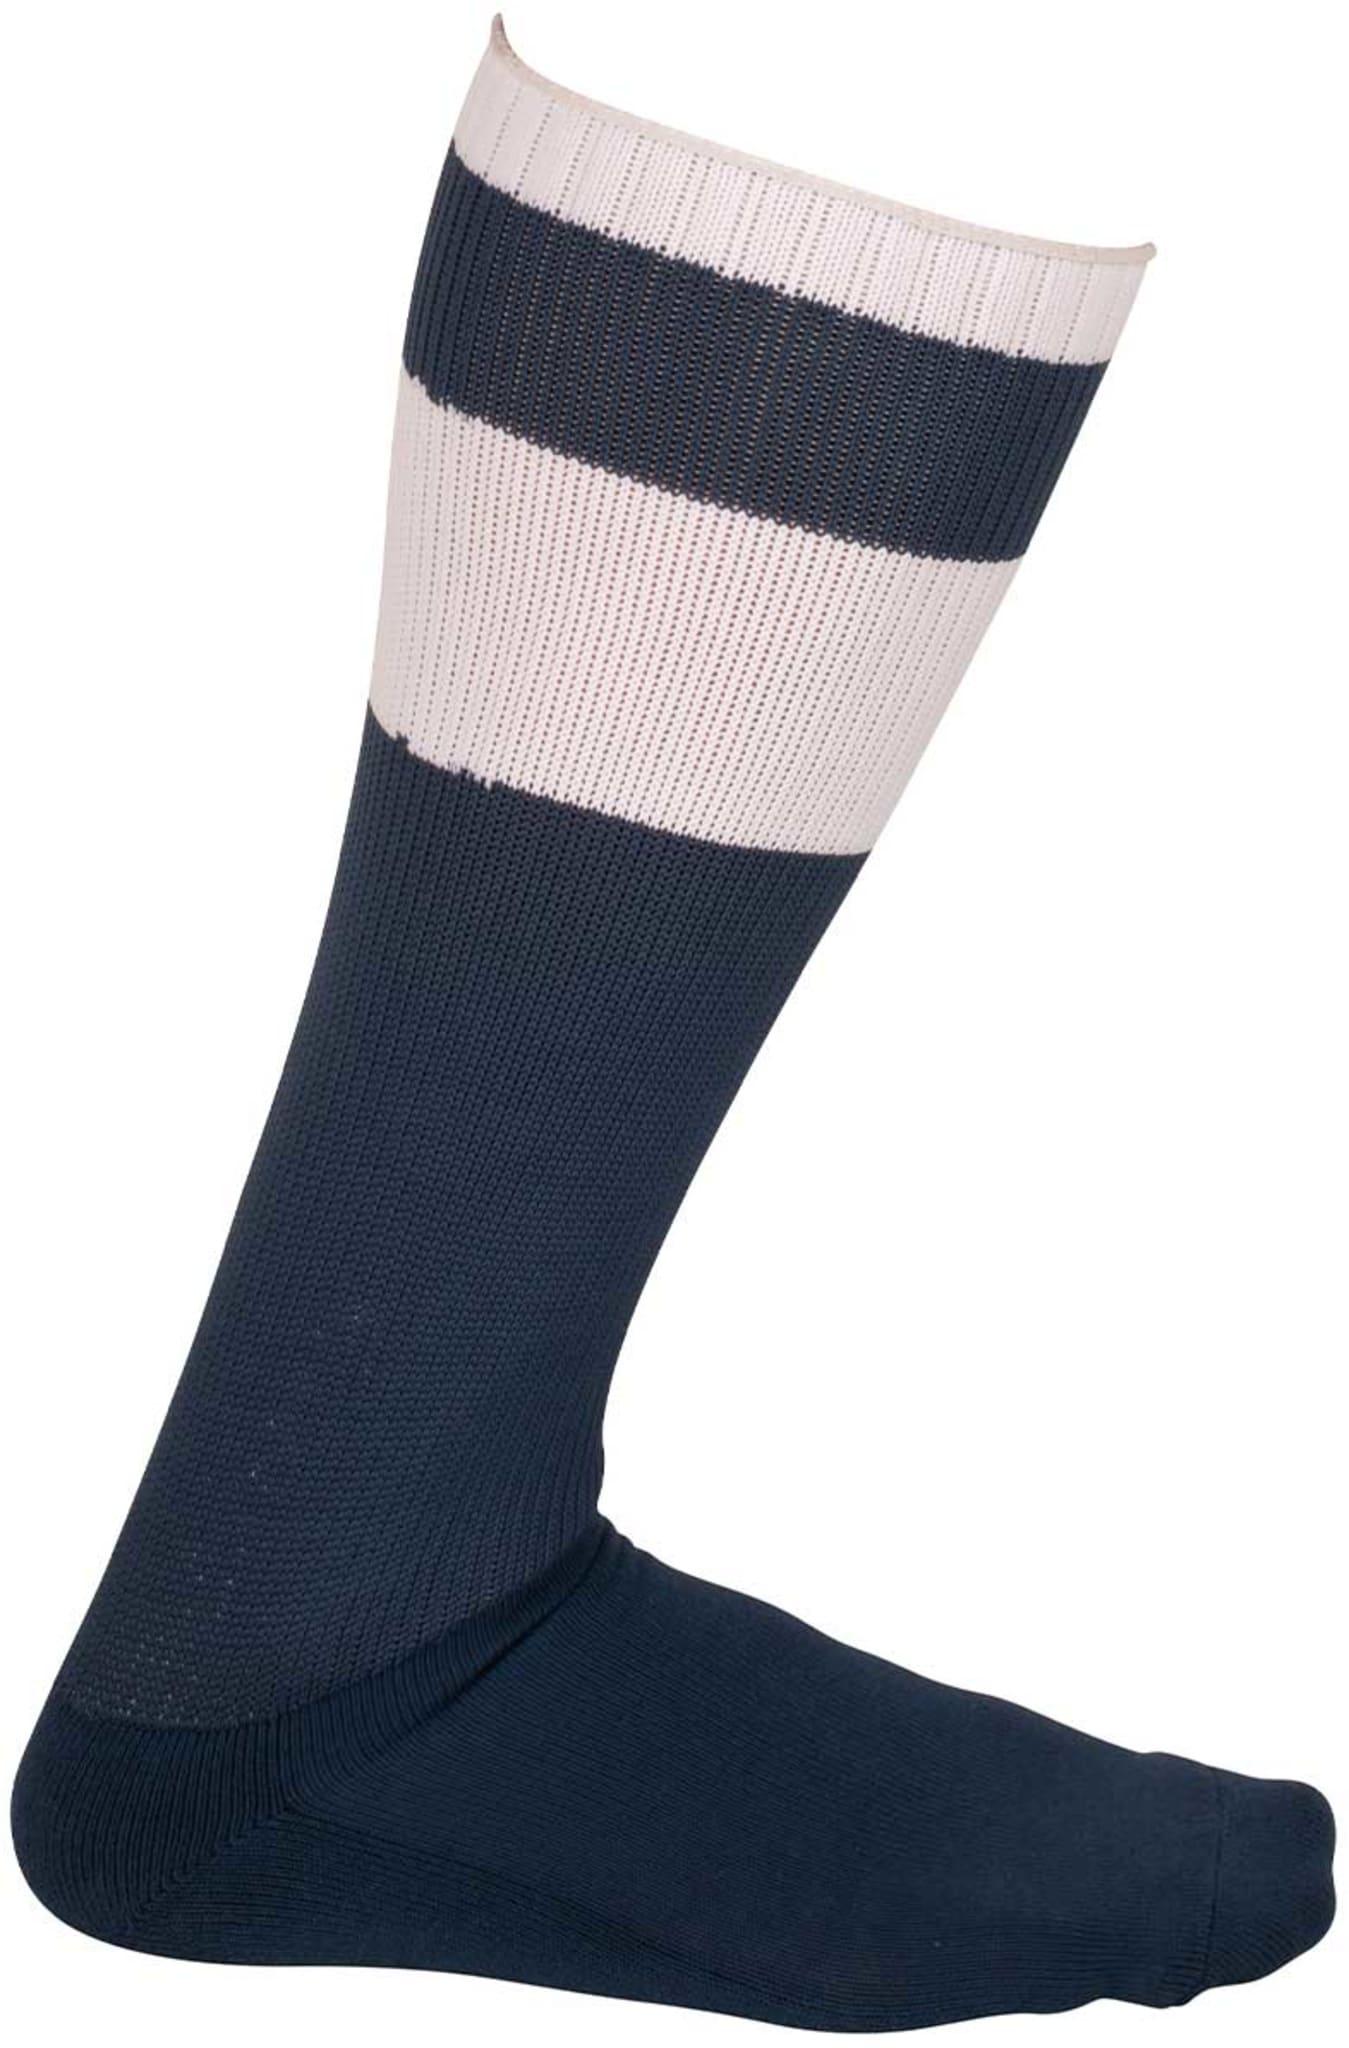 Roamer Mid Calf Socks